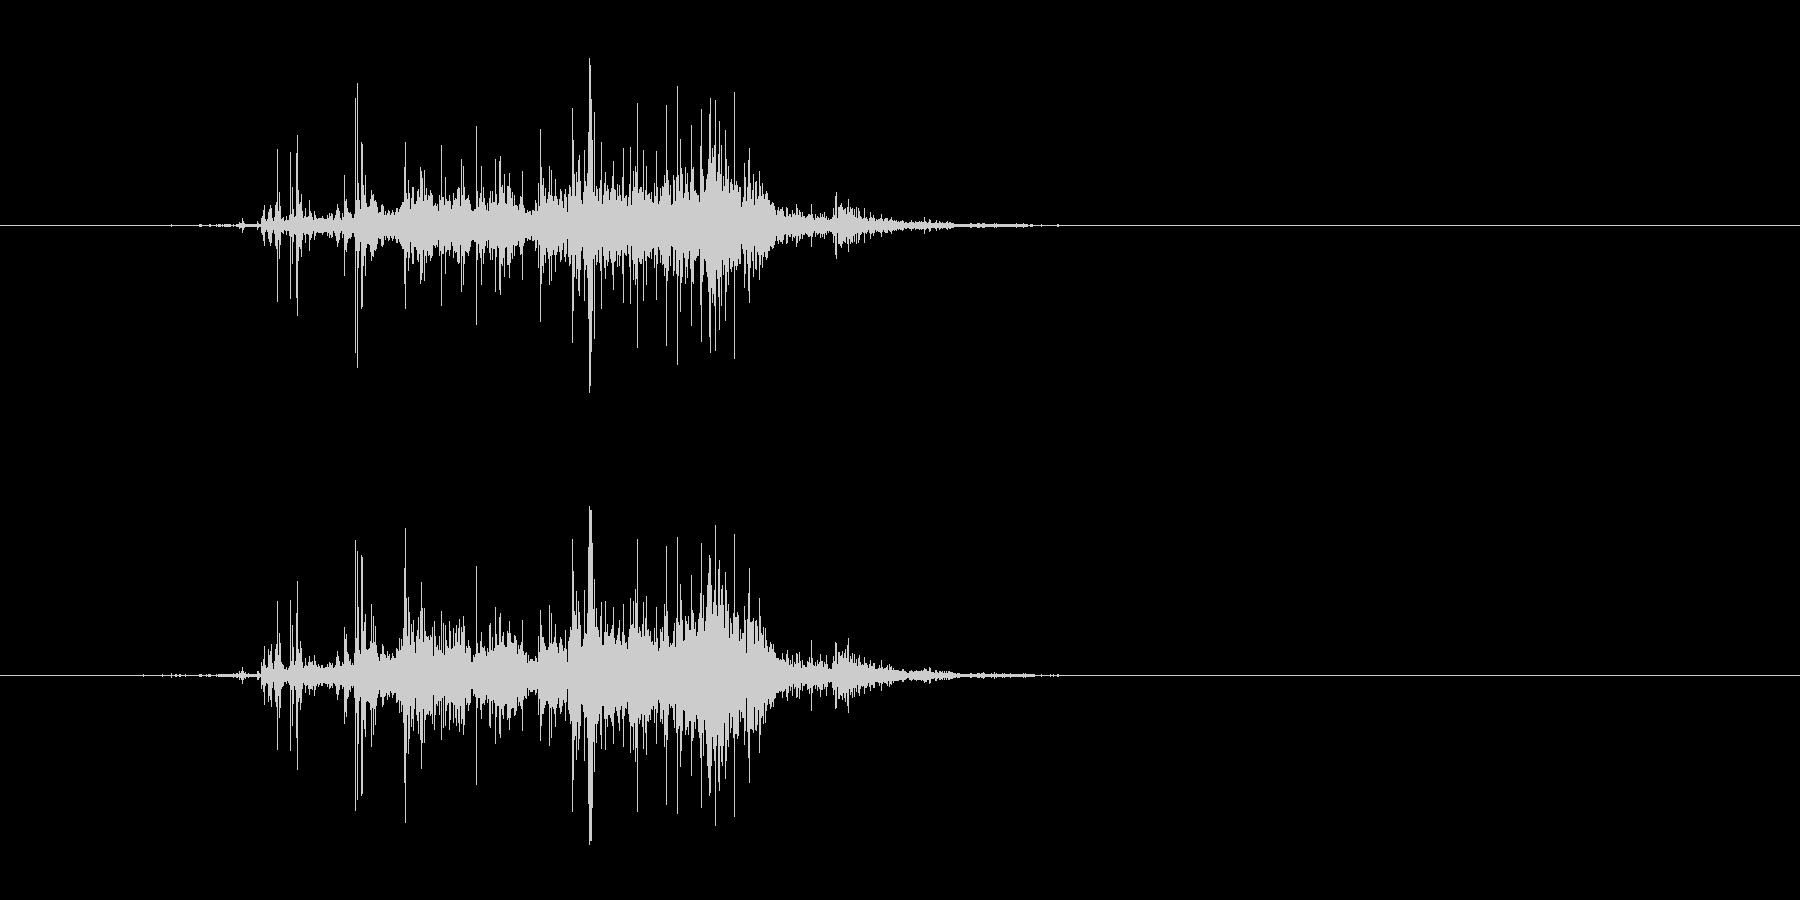 木が倒れる音(メリメリッ、ドサッ)の未再生の波形